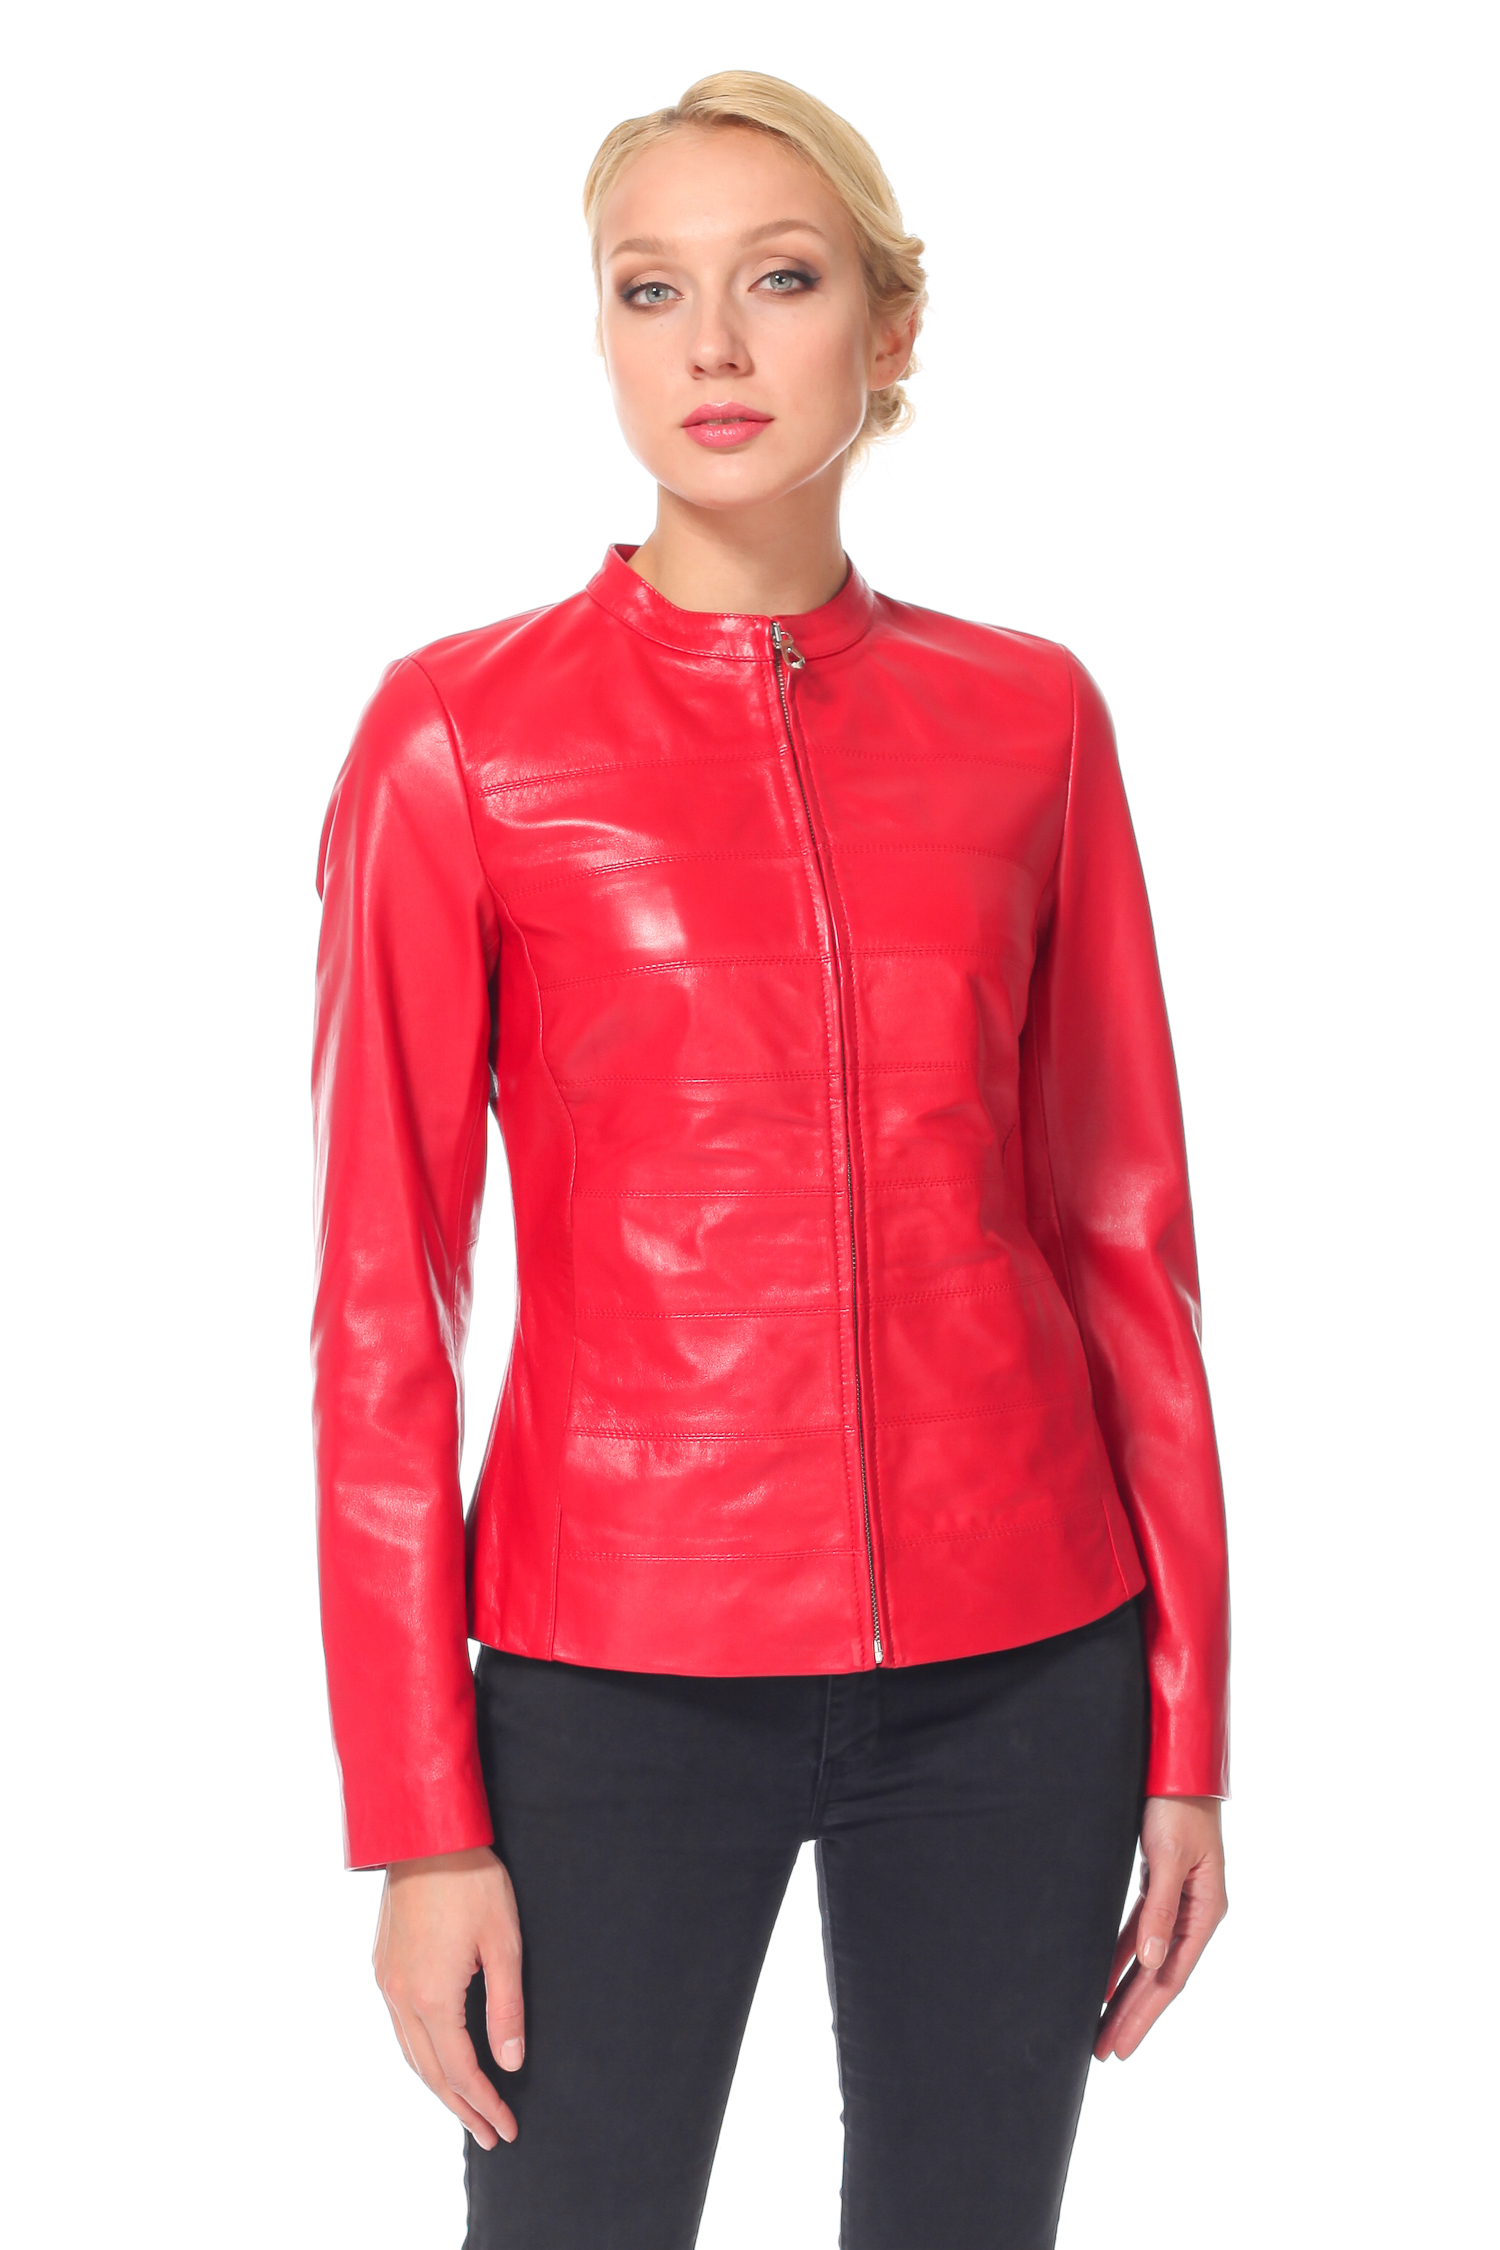 Женская кожаная куртка из натуральной кожи с воротником, без отделкиЦвет - алый.<br><br>Модель изготовлена из высококачественной кожи.<br><br>Яркая кожаная куртка для яркой девушки! Приталенный силуэт в сочетании с оригинальным воротником шанель задают безупречный стиль этому изделию. Для удобства застежка выполнена на молнию, которая аккуратно спрятана. Безупречный крой, идеально выверенные лекала и высокое качество пошива - и это далеко не все преимущества изделия! Благодаря этому Вам обеспечена хорошая посадка и особенный комфорт. Эта кожаная куртка станет яркой основой Вашего стиля!<br><br>Воротник: Стойка<br>Длина см: 55<br>Материал: Кожа<br>Цвет: Красный<br>Пол: Женский